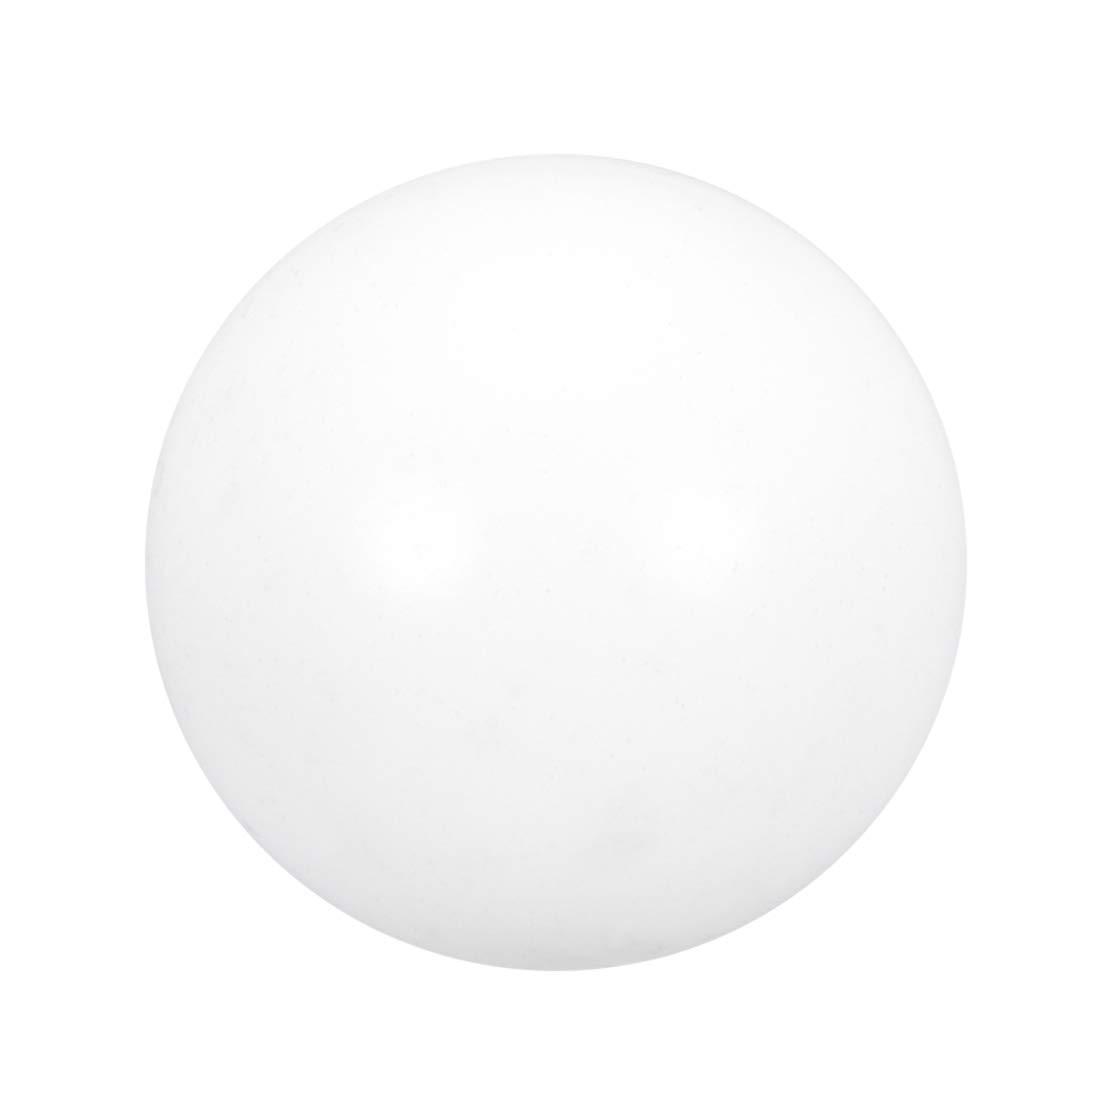 uxcell PTFE Ball, 16mm Diameter, Ground